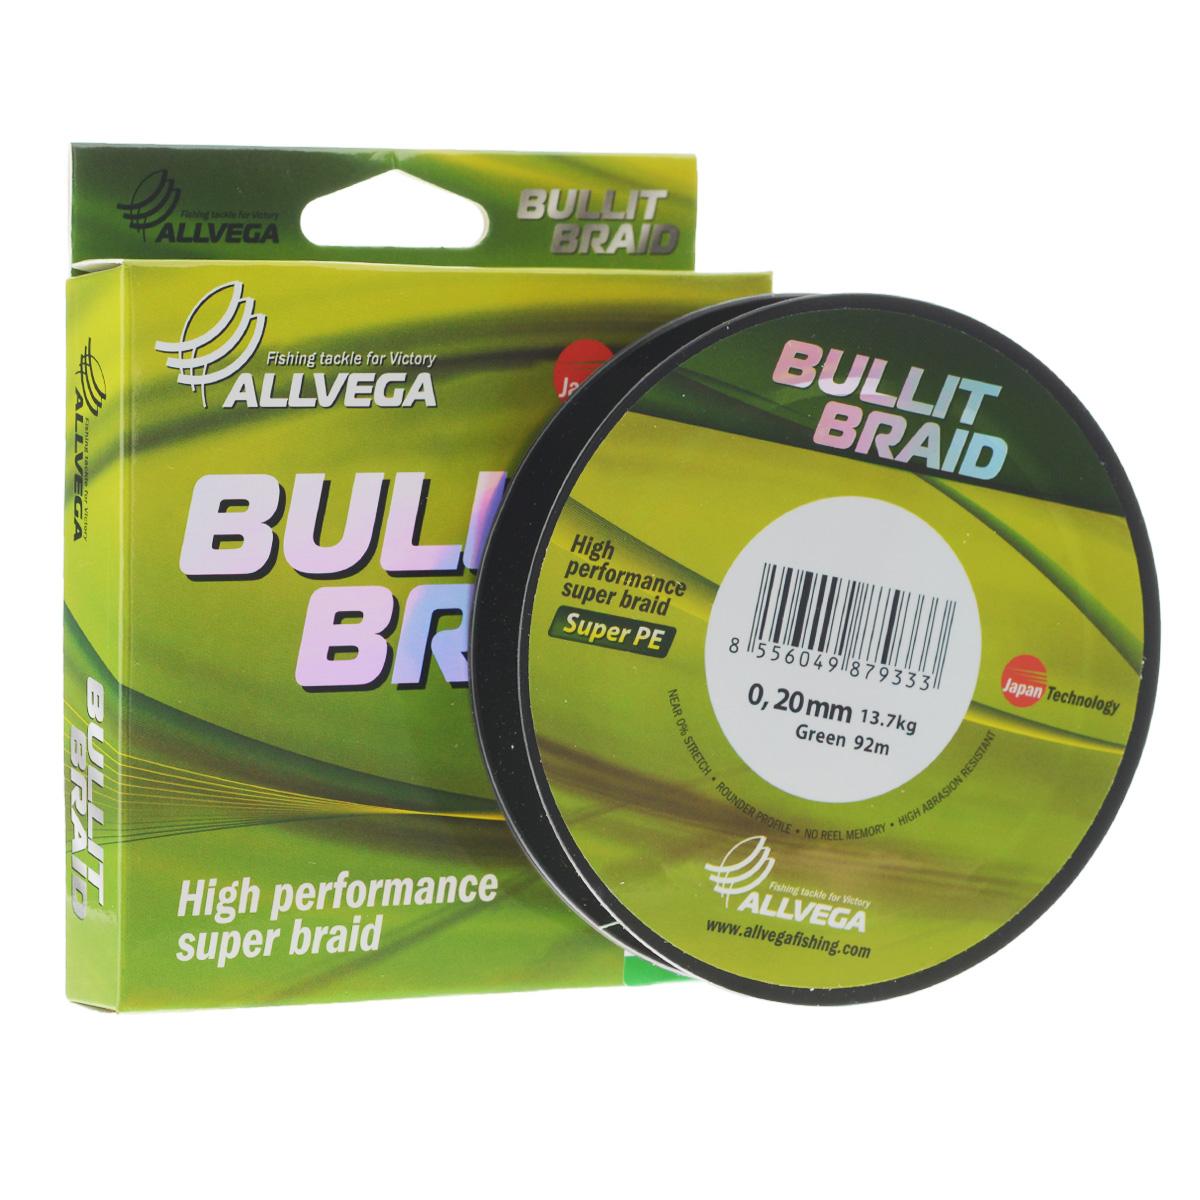 Леска плетеная Allvega Bullit Braid, цвет: темно-зеленая, 92 м, 0,20 мм, 13,7 кг21424Леска Allvega Bullit Braid с гладкой поверхностью и одинаковым сечением по всей длине обладает высокой износостойкостью. Благодаря микроволокнам полиэтилена (Super PE) леска имеет очень плотное плетение и не впитывает воду. Леску Allvega Bullit Braid можно применять в любых типах водоемов. Особенности: - повышенная износостойкость; - высокая чувствительность - коэффициент растяжения близок к нулю; - отсутствует память; - идеально гладкая поверхность позволяет увеличить дальность забросов; - высокая прочность шнура на узлах.